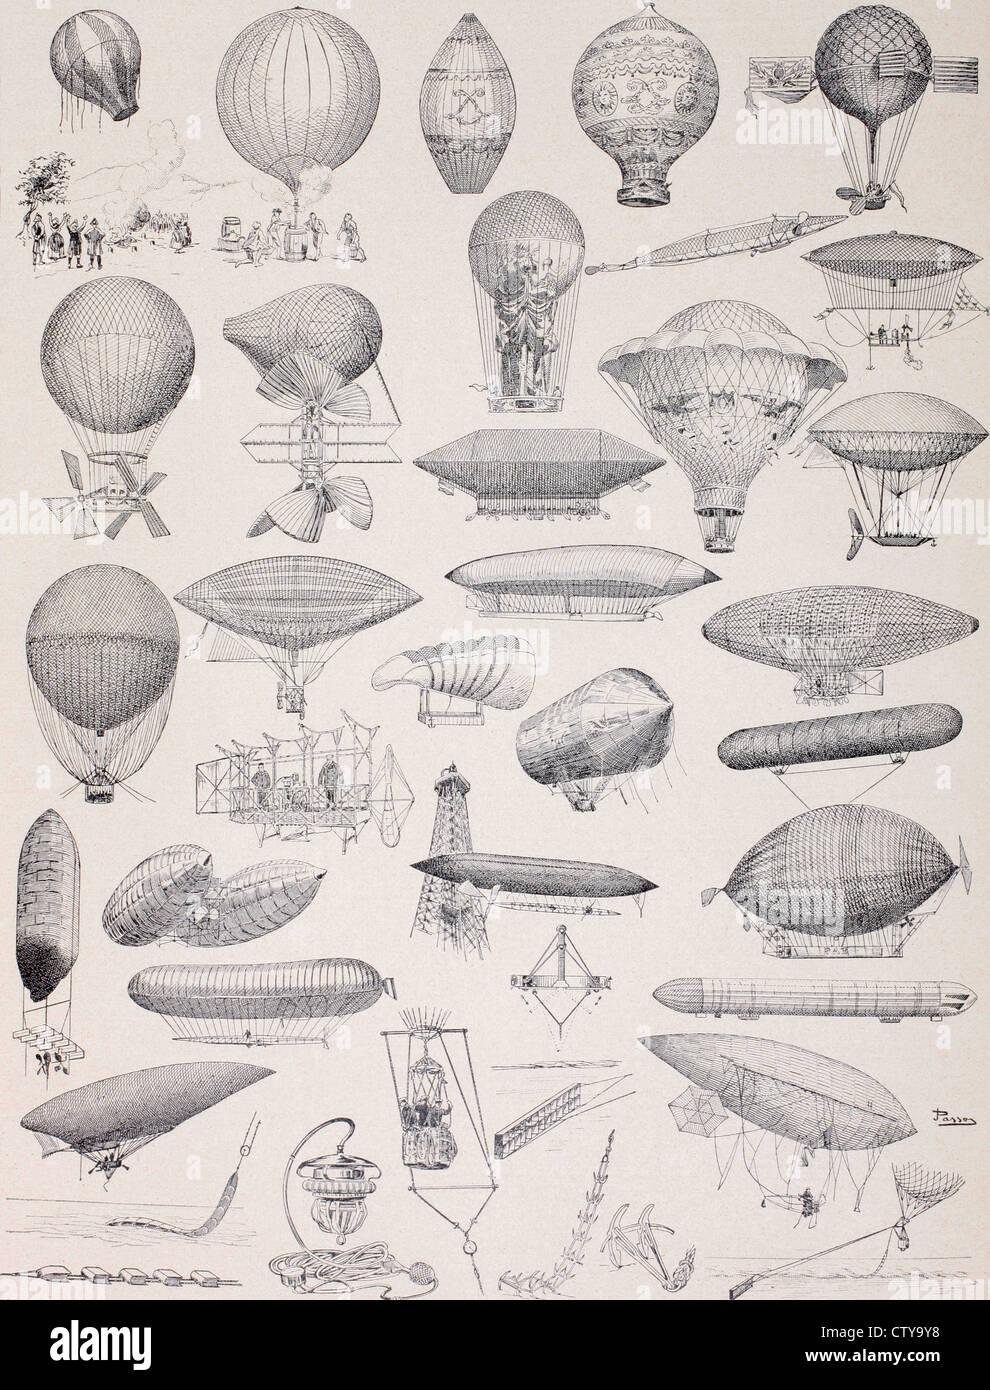 Ballons à air chaud tout au long de l'histoire... Photo Stock